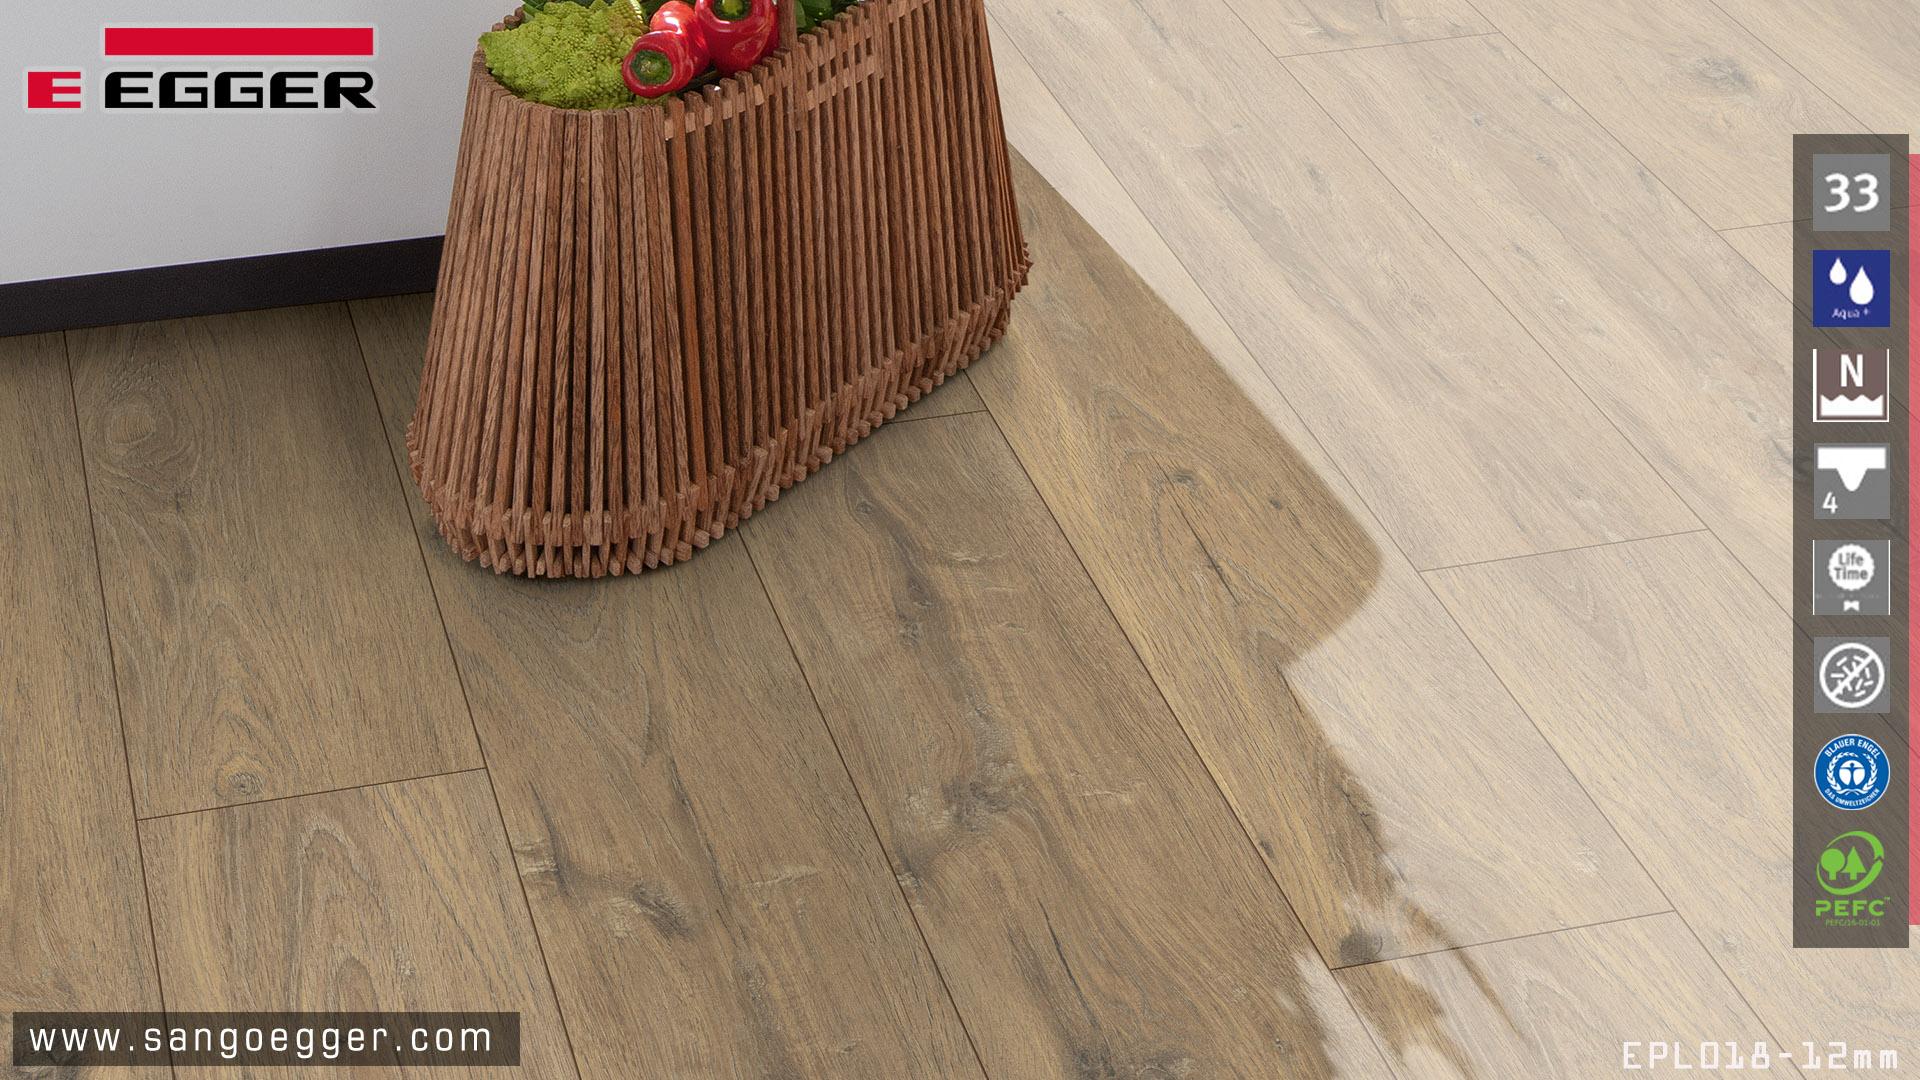 Sàn gỗ chịu nước chuyên dụng cho nhà bếp EPL018 Aqua bản 12mm